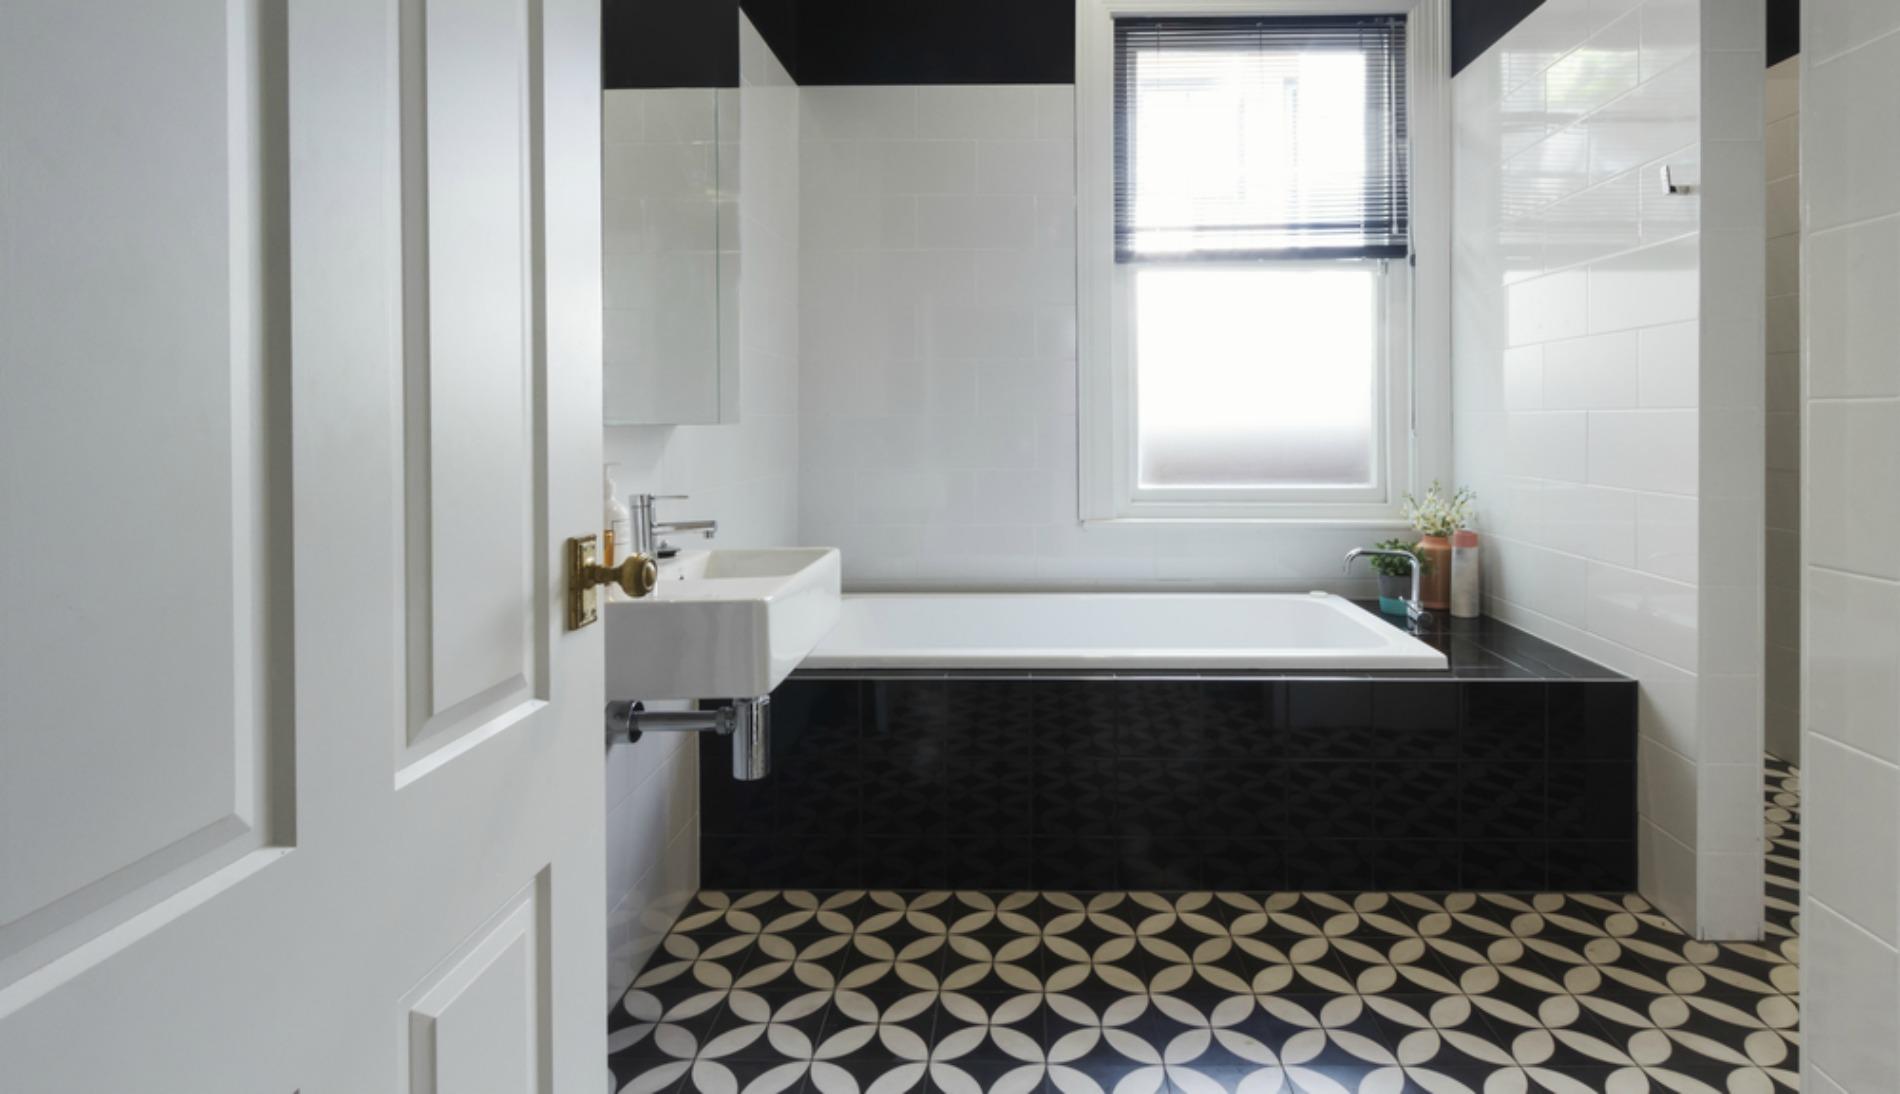 Fullsize Of Black And White Bathrooms